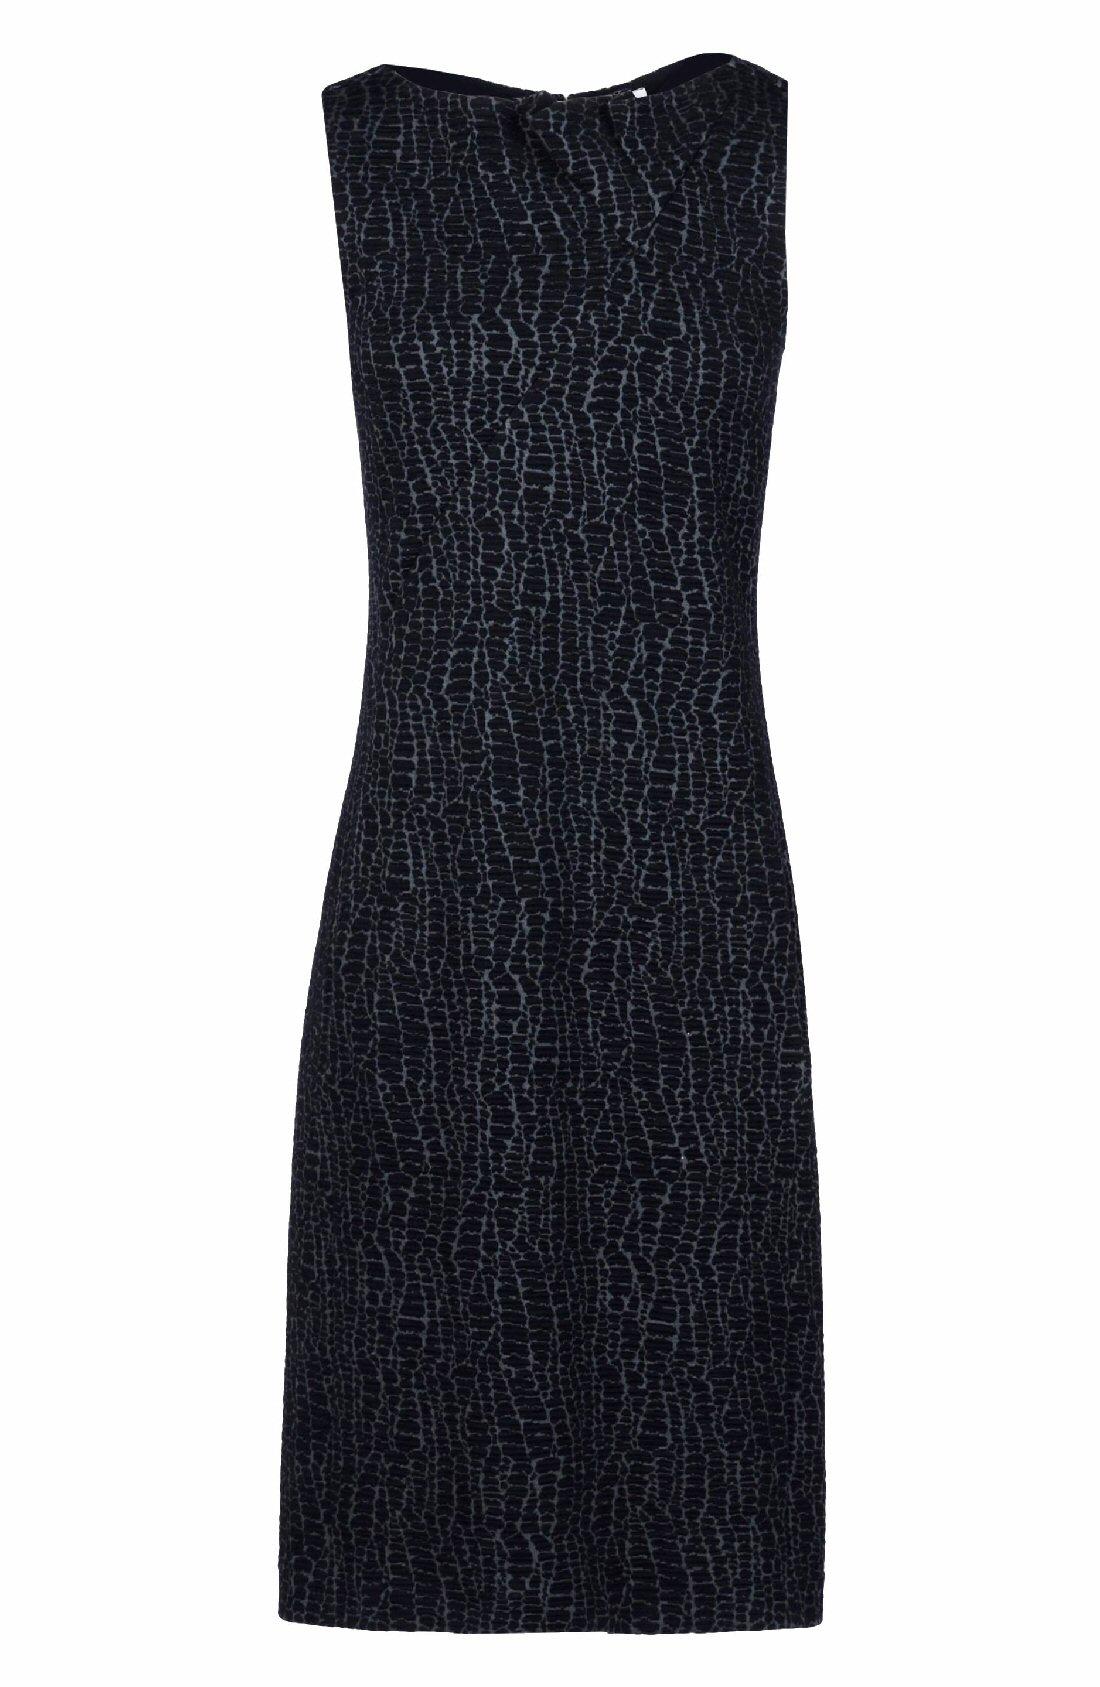 Armani Workwear 16-14